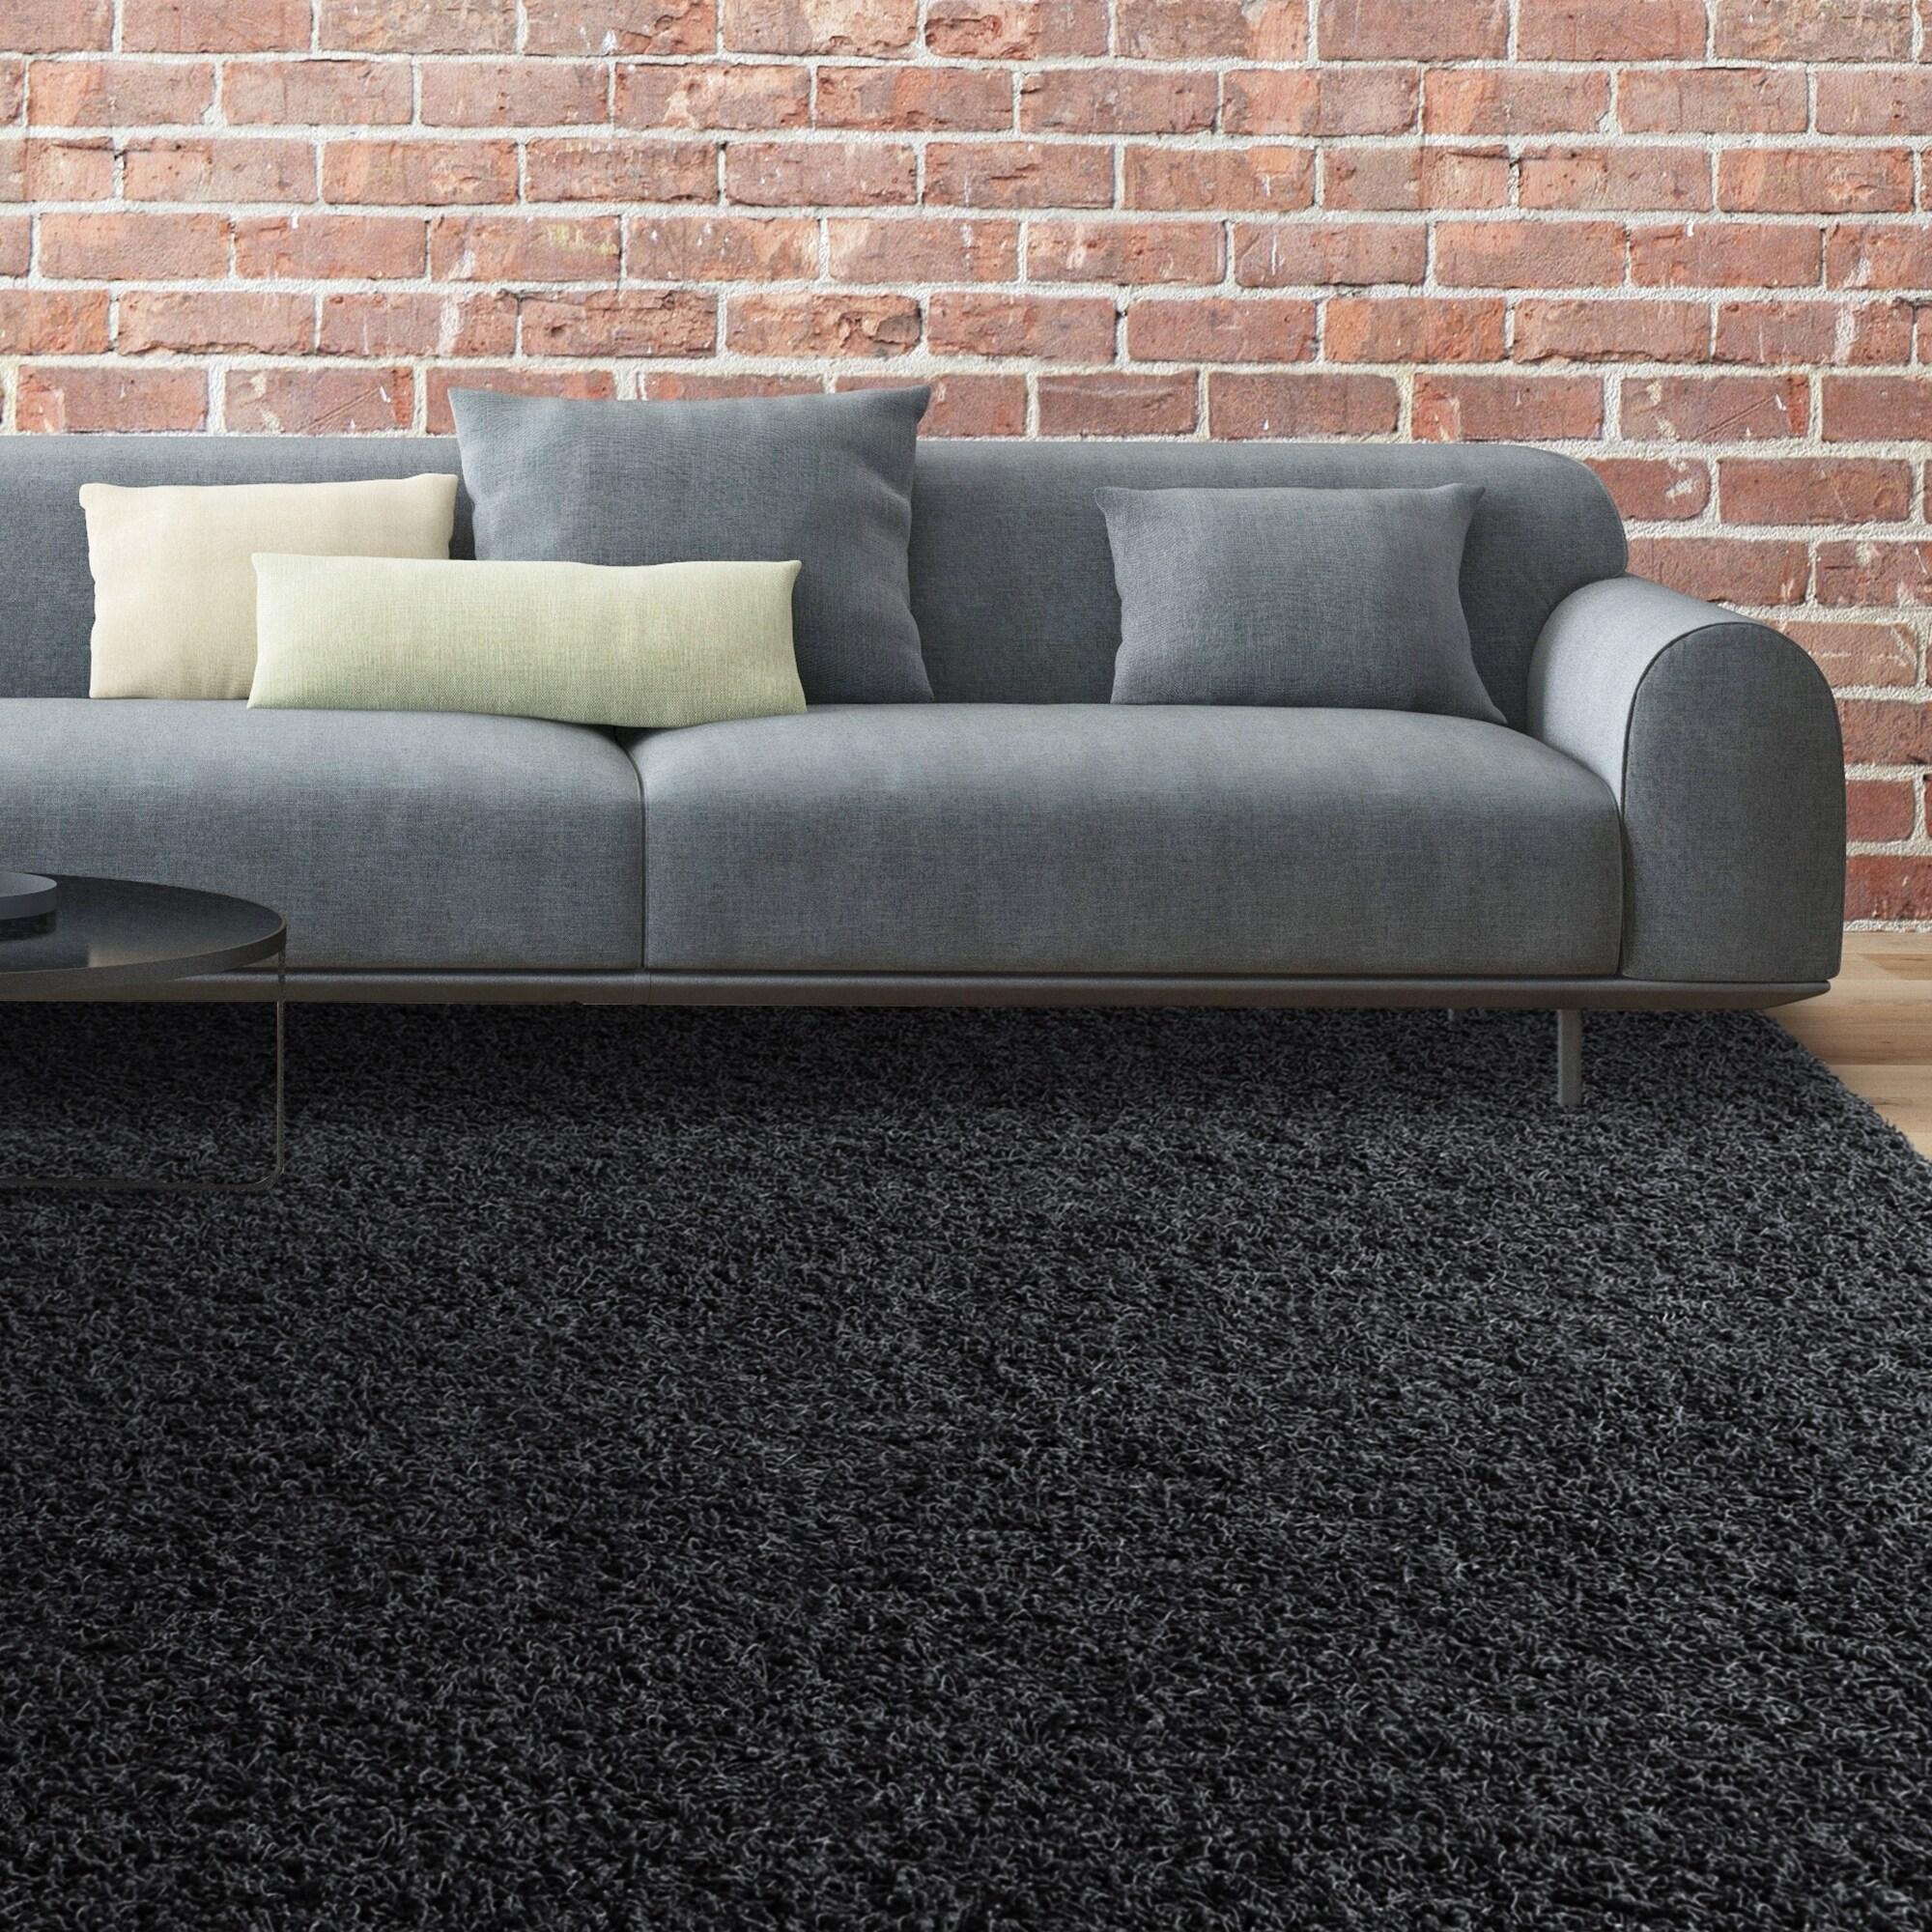 Lanart iCustomRug Bella Black Shag Area Rug (5' x 7'), Si...